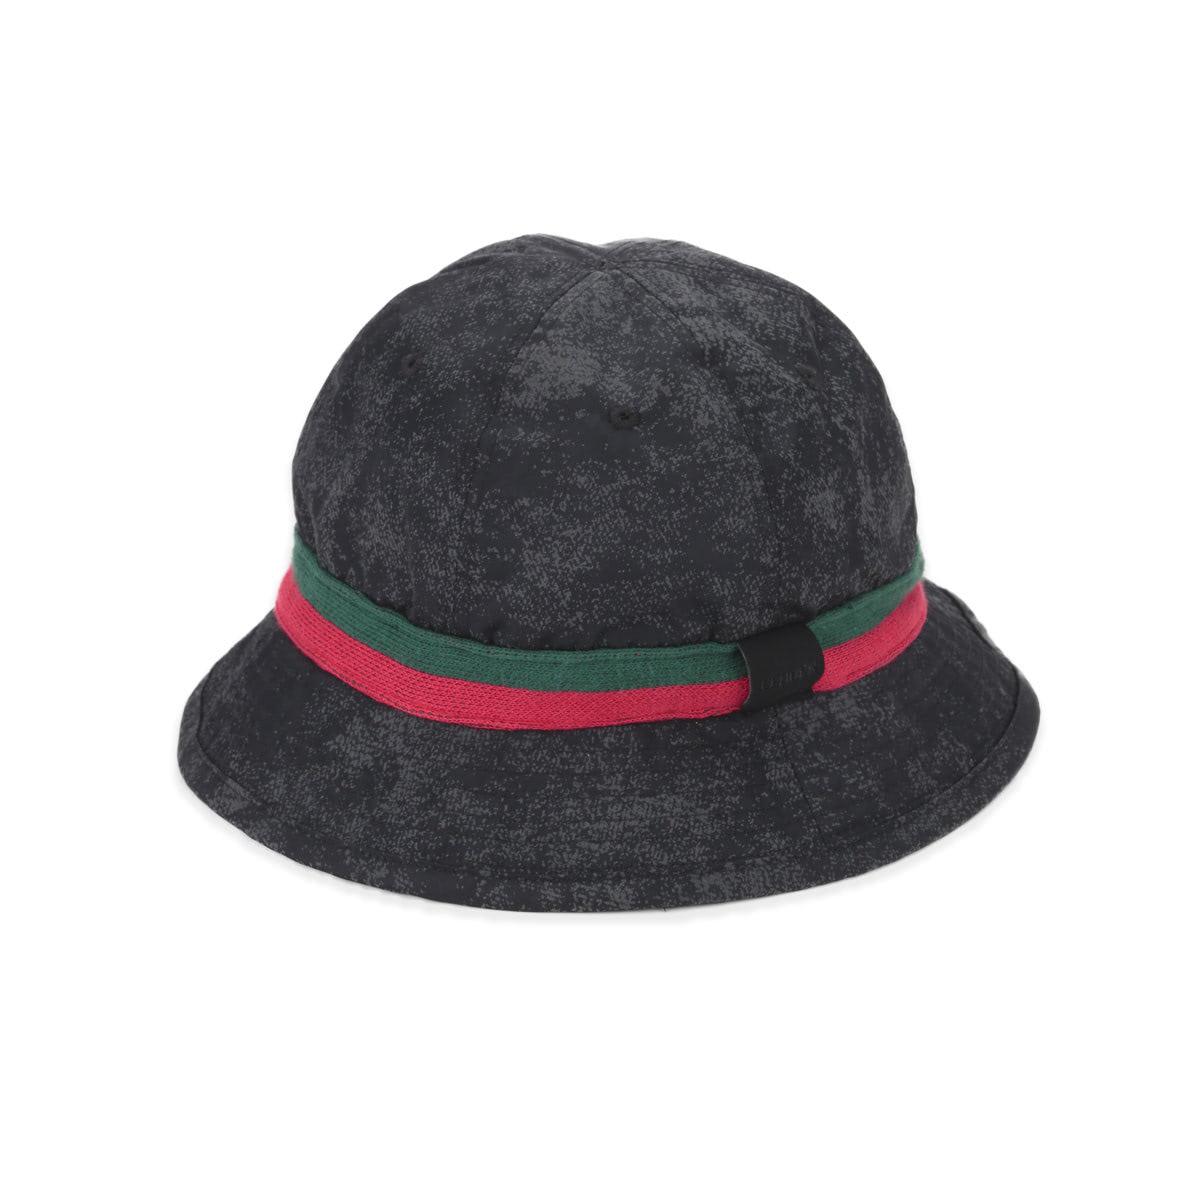 RIDER HAT